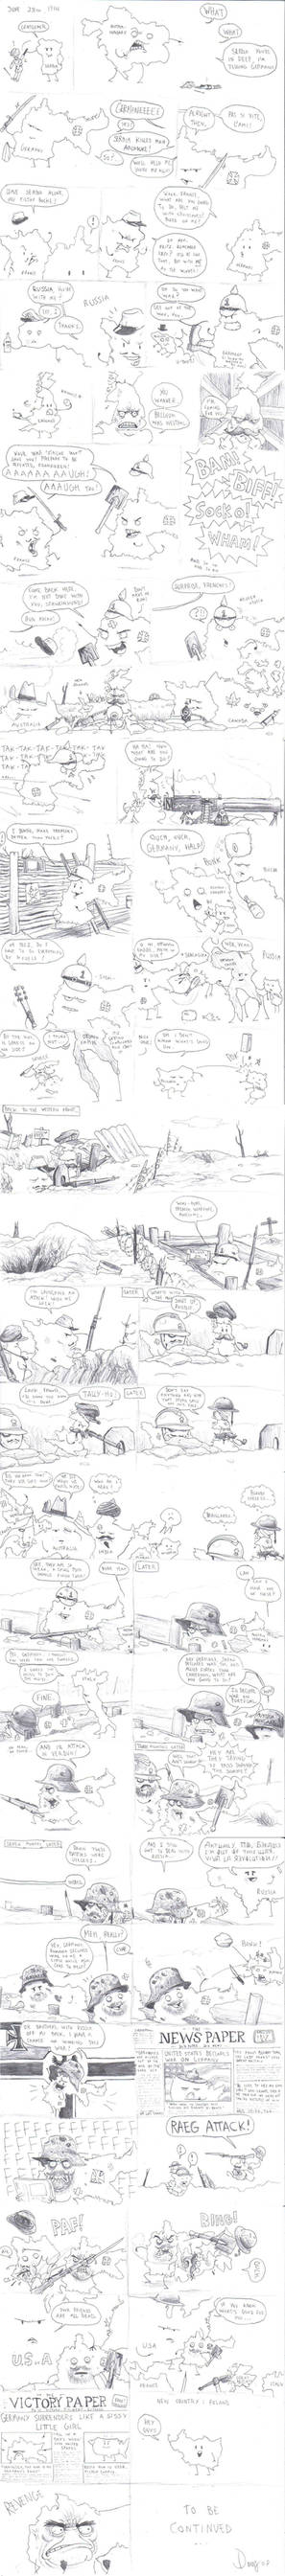 World War One: Simple Version